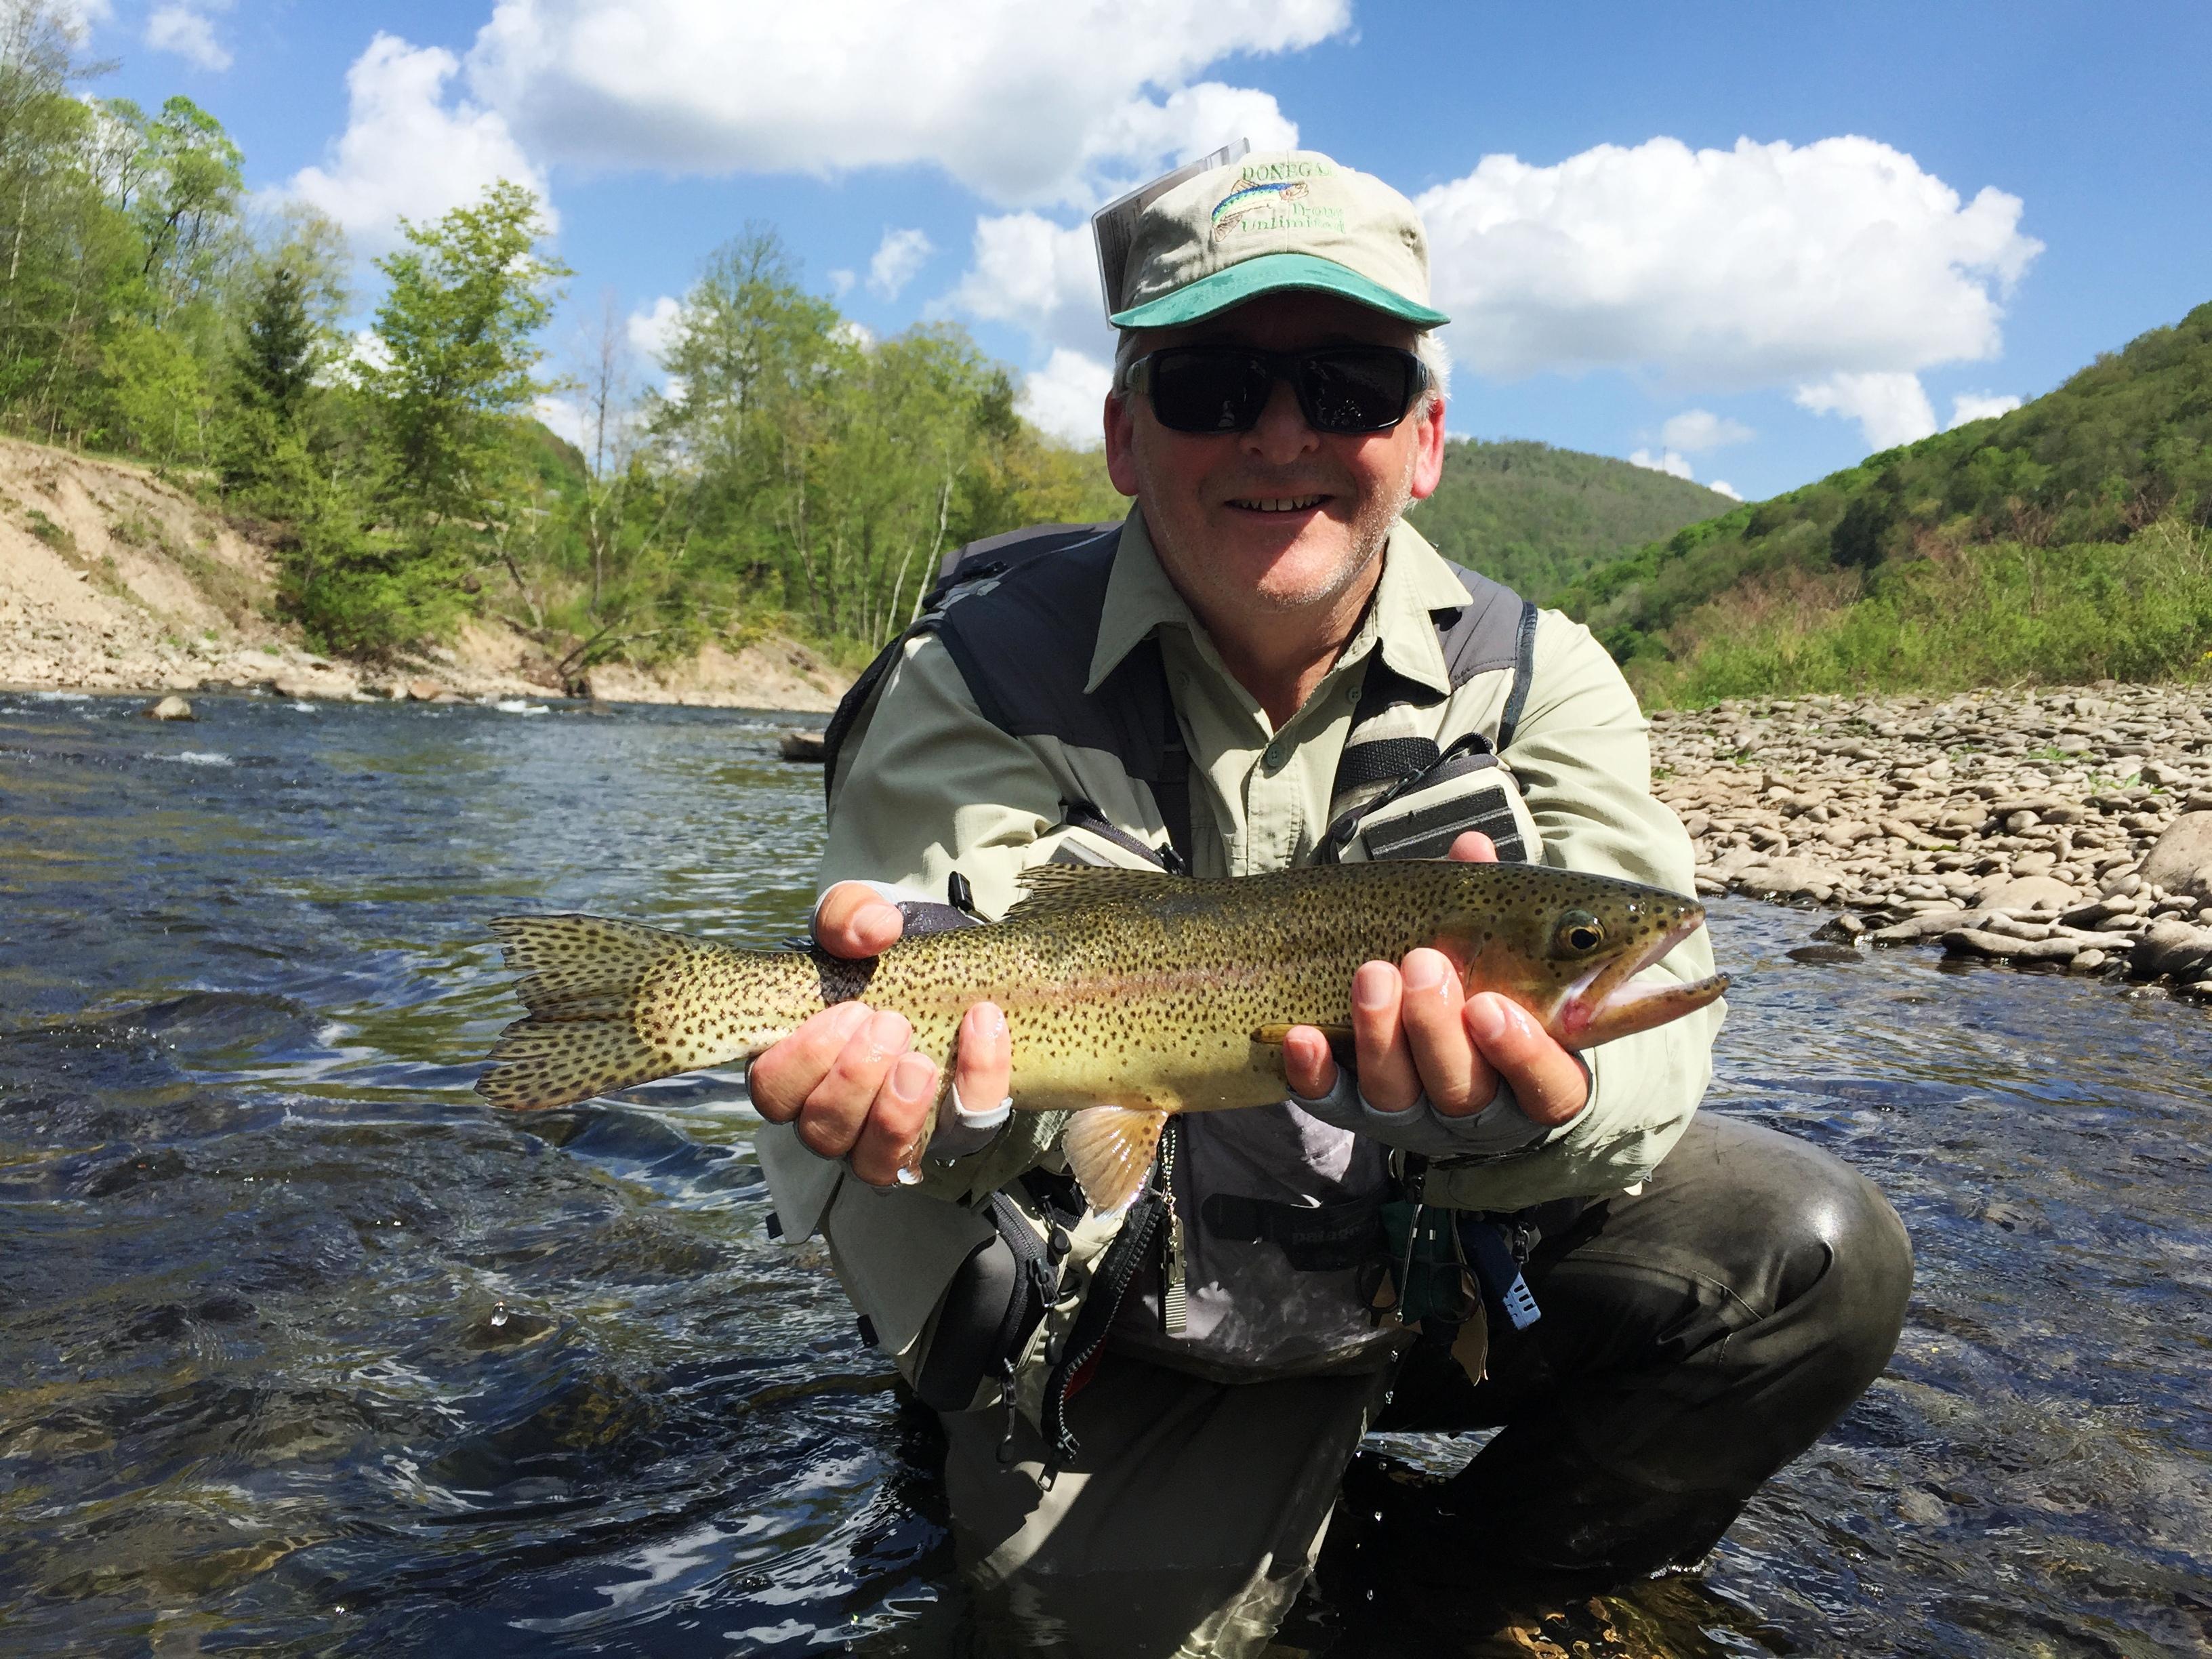 Upper delaware fly fishing report ken tutalo 39 s baxter for Fishing report delaware